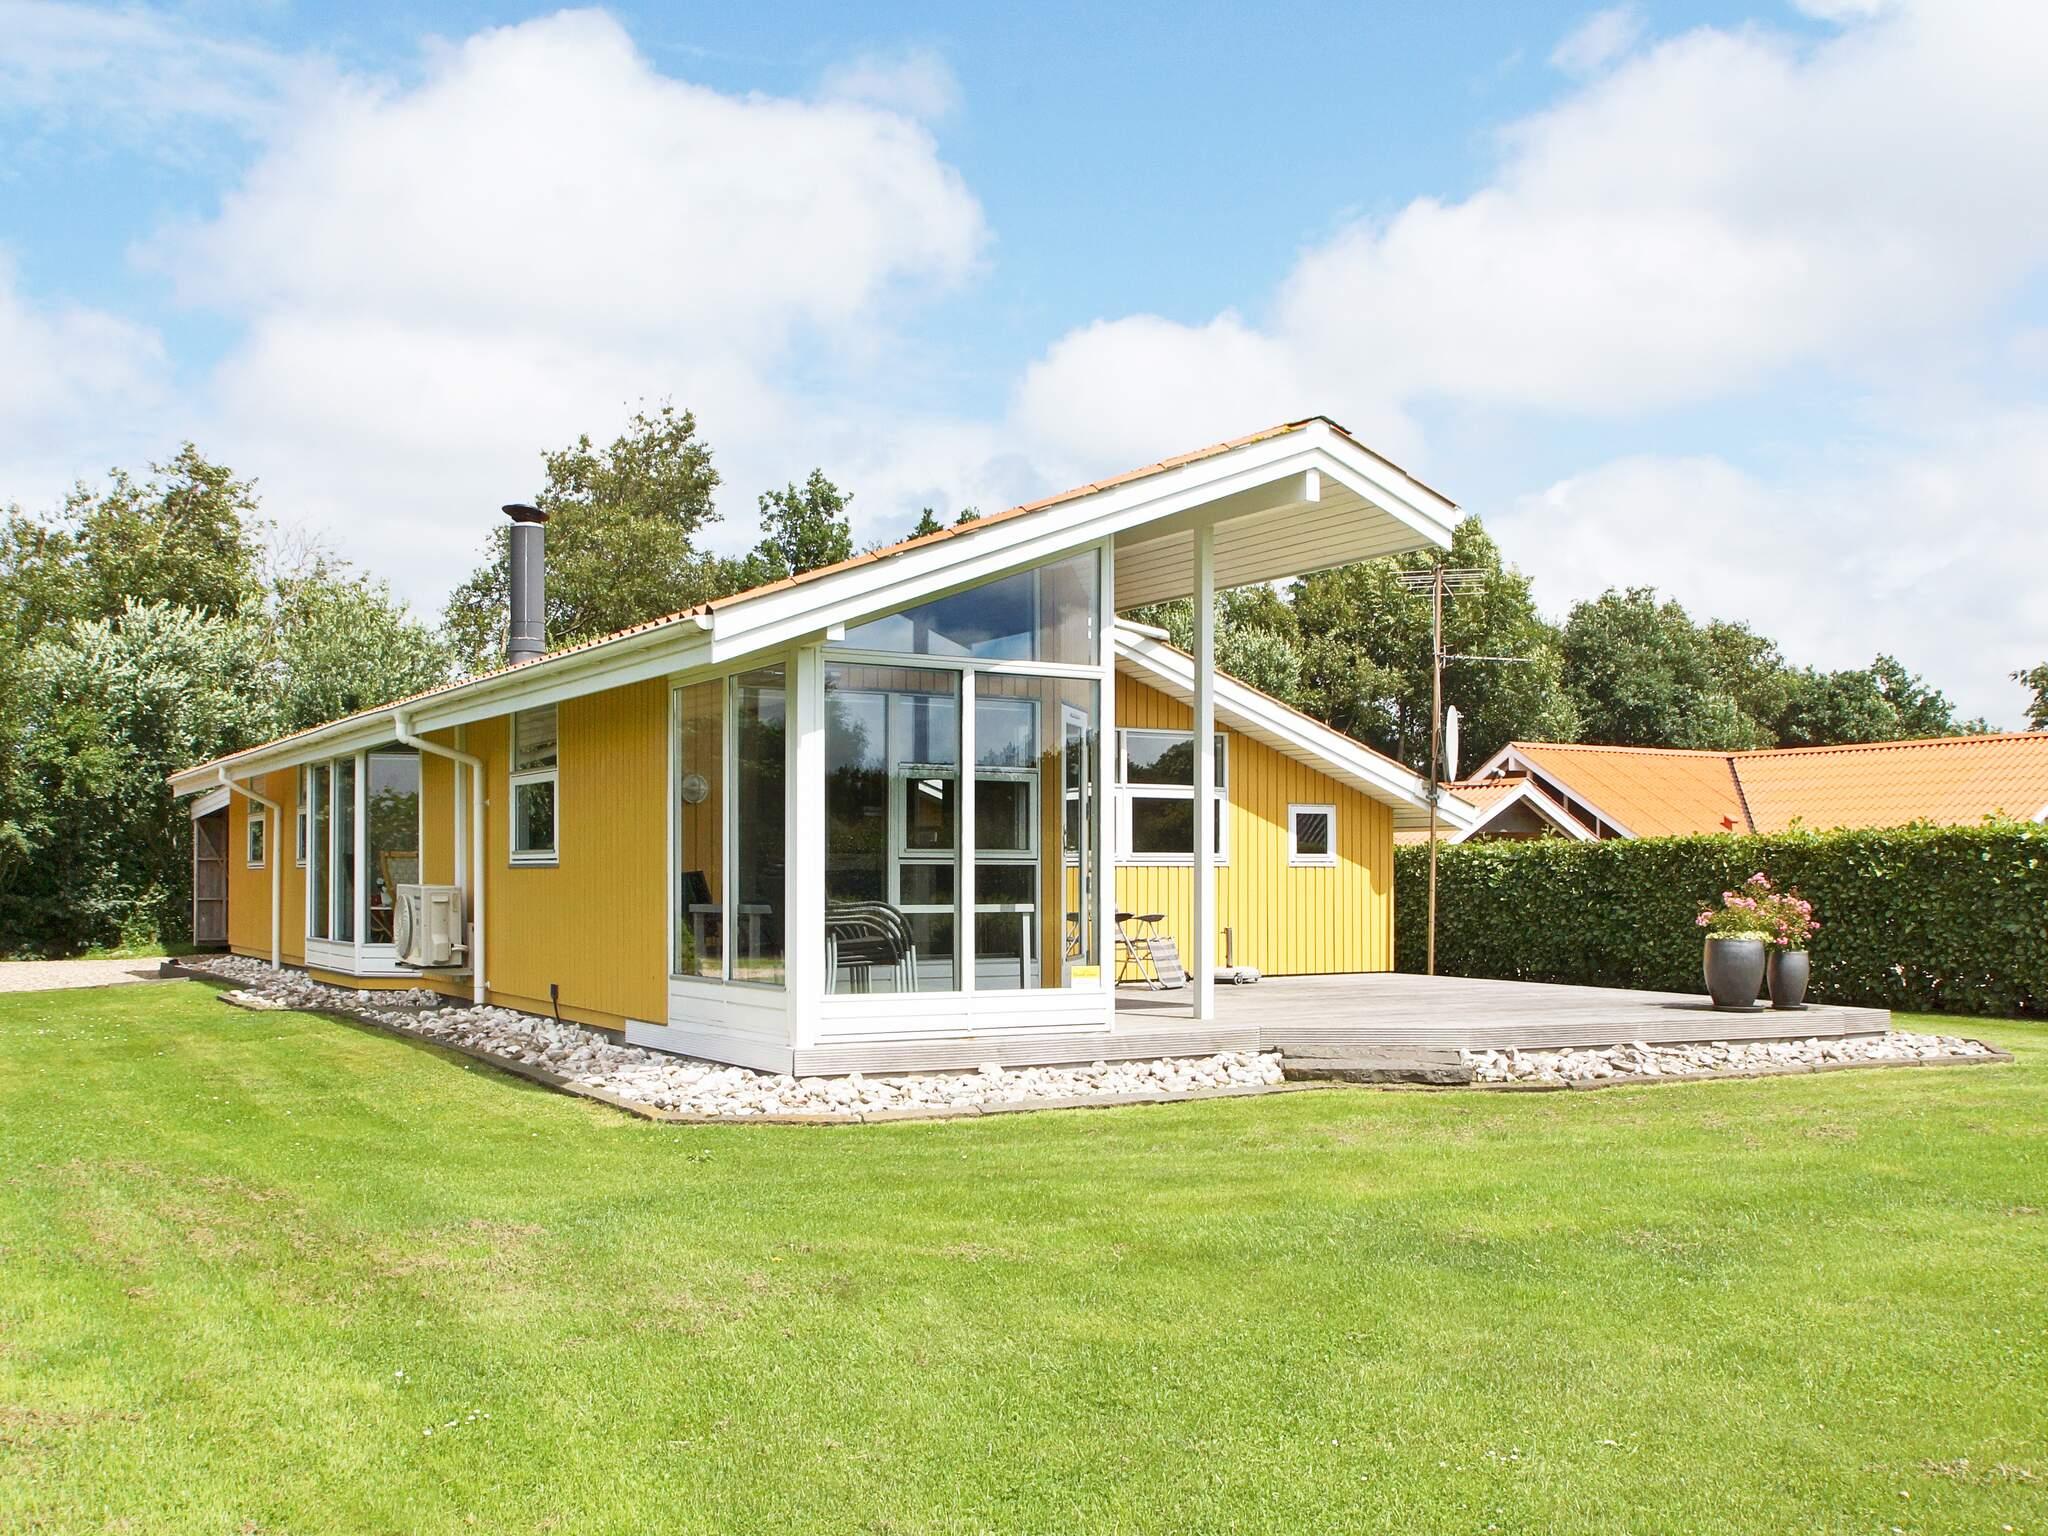 Ferienhaus Bork Havn (241763), Bork Havn, , Westjütland, Dänemark, Bild 1